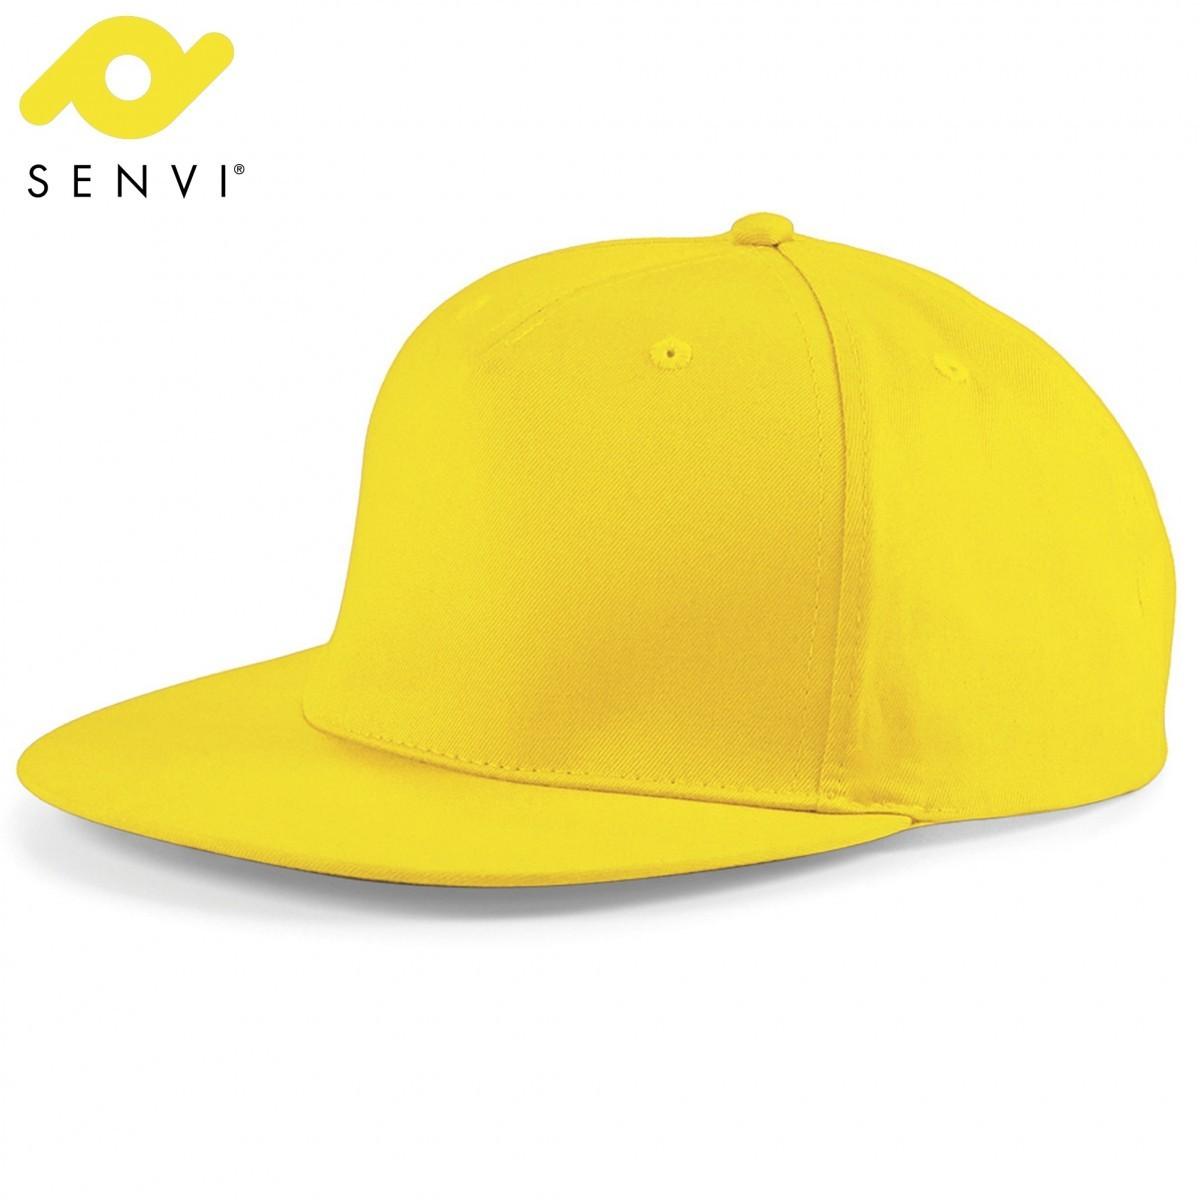 Senvi Snapback Rapper Cap Geel (One size fits all)